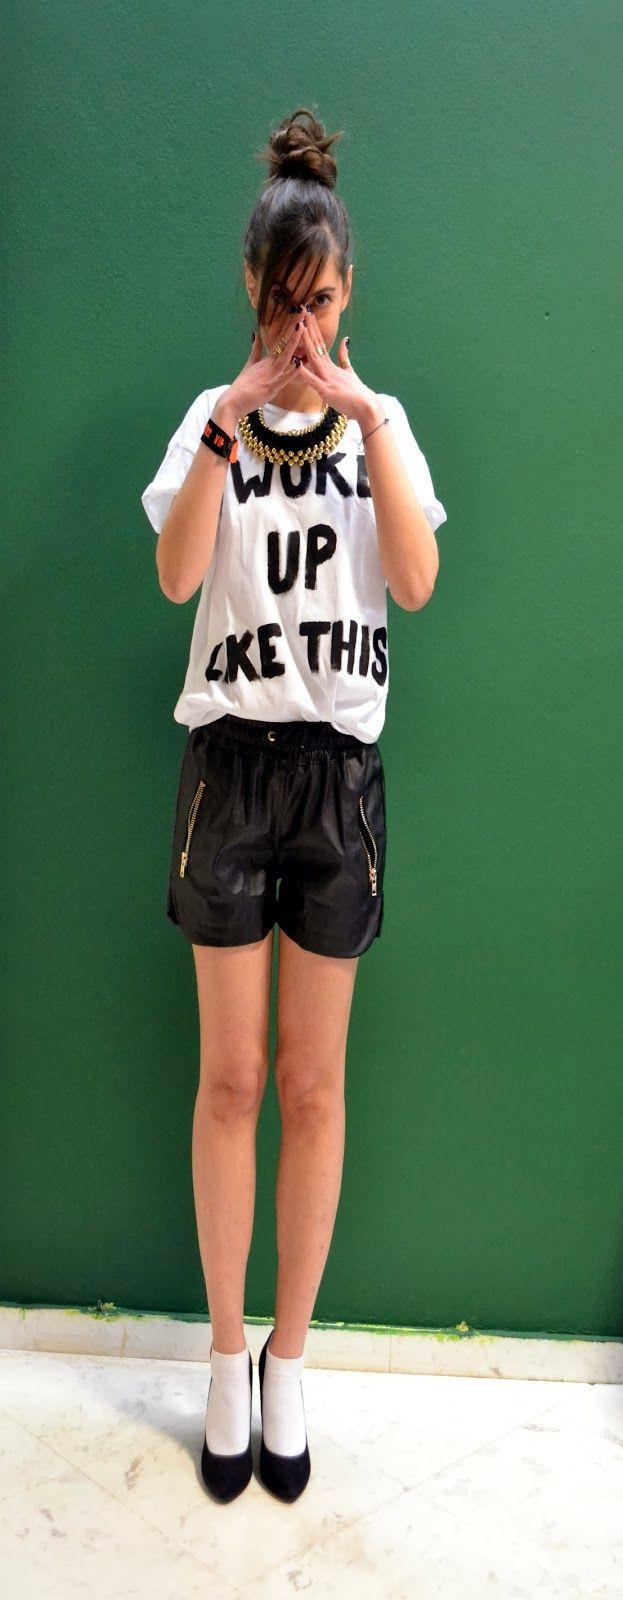 vshabit.com: Loving The Faux Leather Shorts